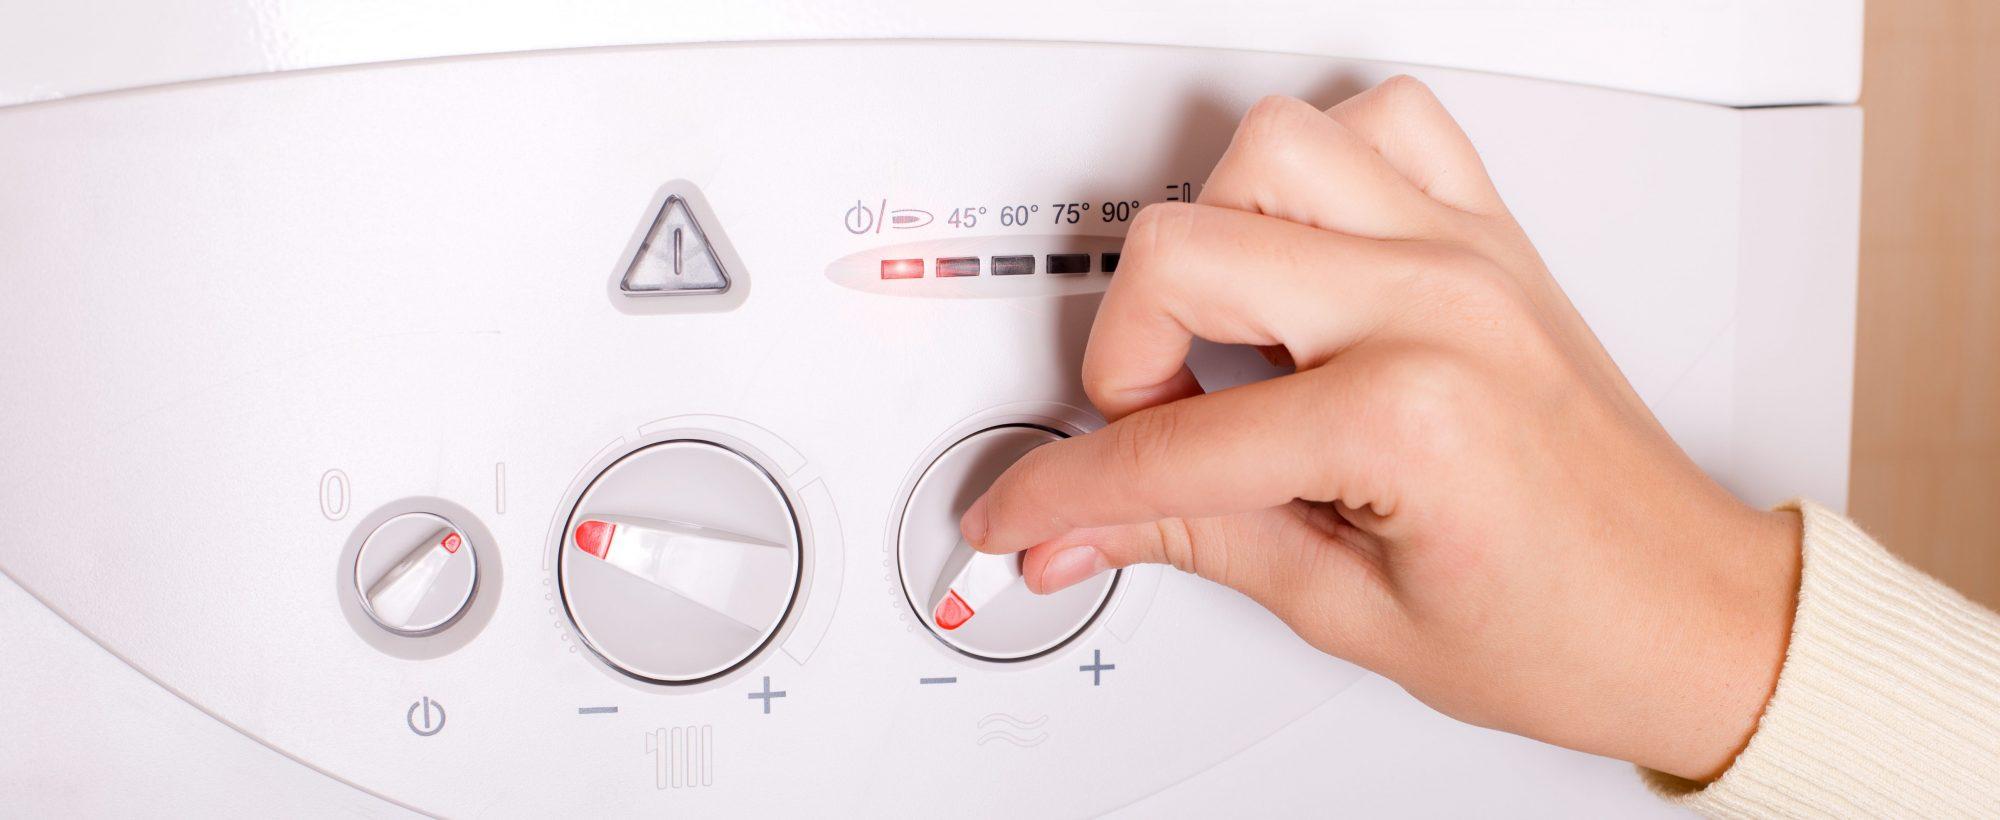 Temperatura Caldaia Impianto A Pavimento si può collegare la pompa di calore ad un impianto a